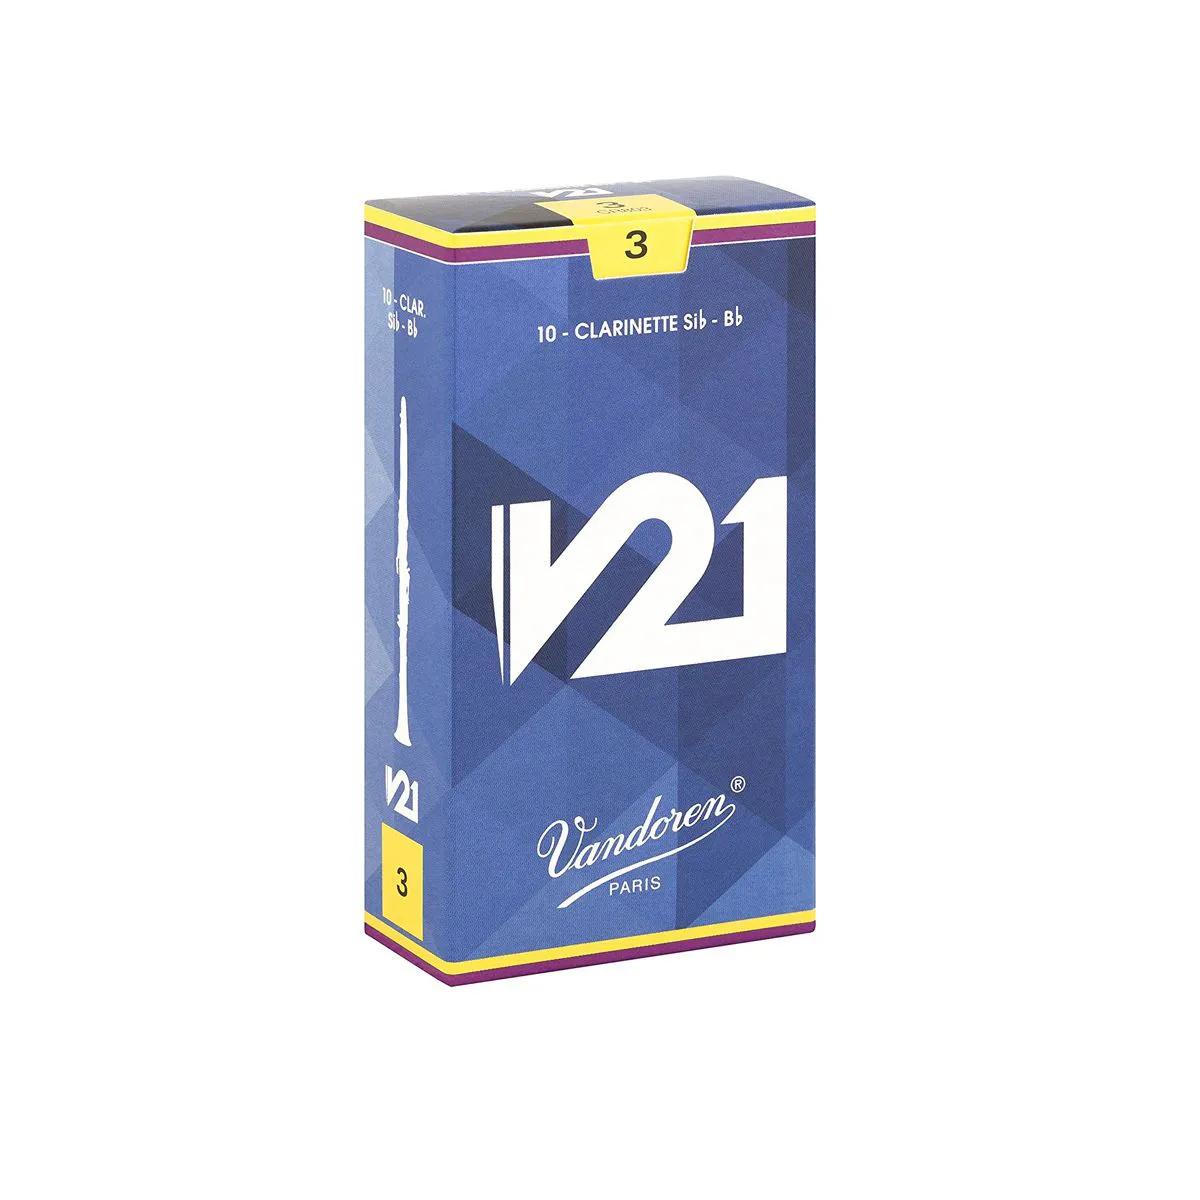 Palheta Vandoren V21 Nº 3 para Clarinete Sib